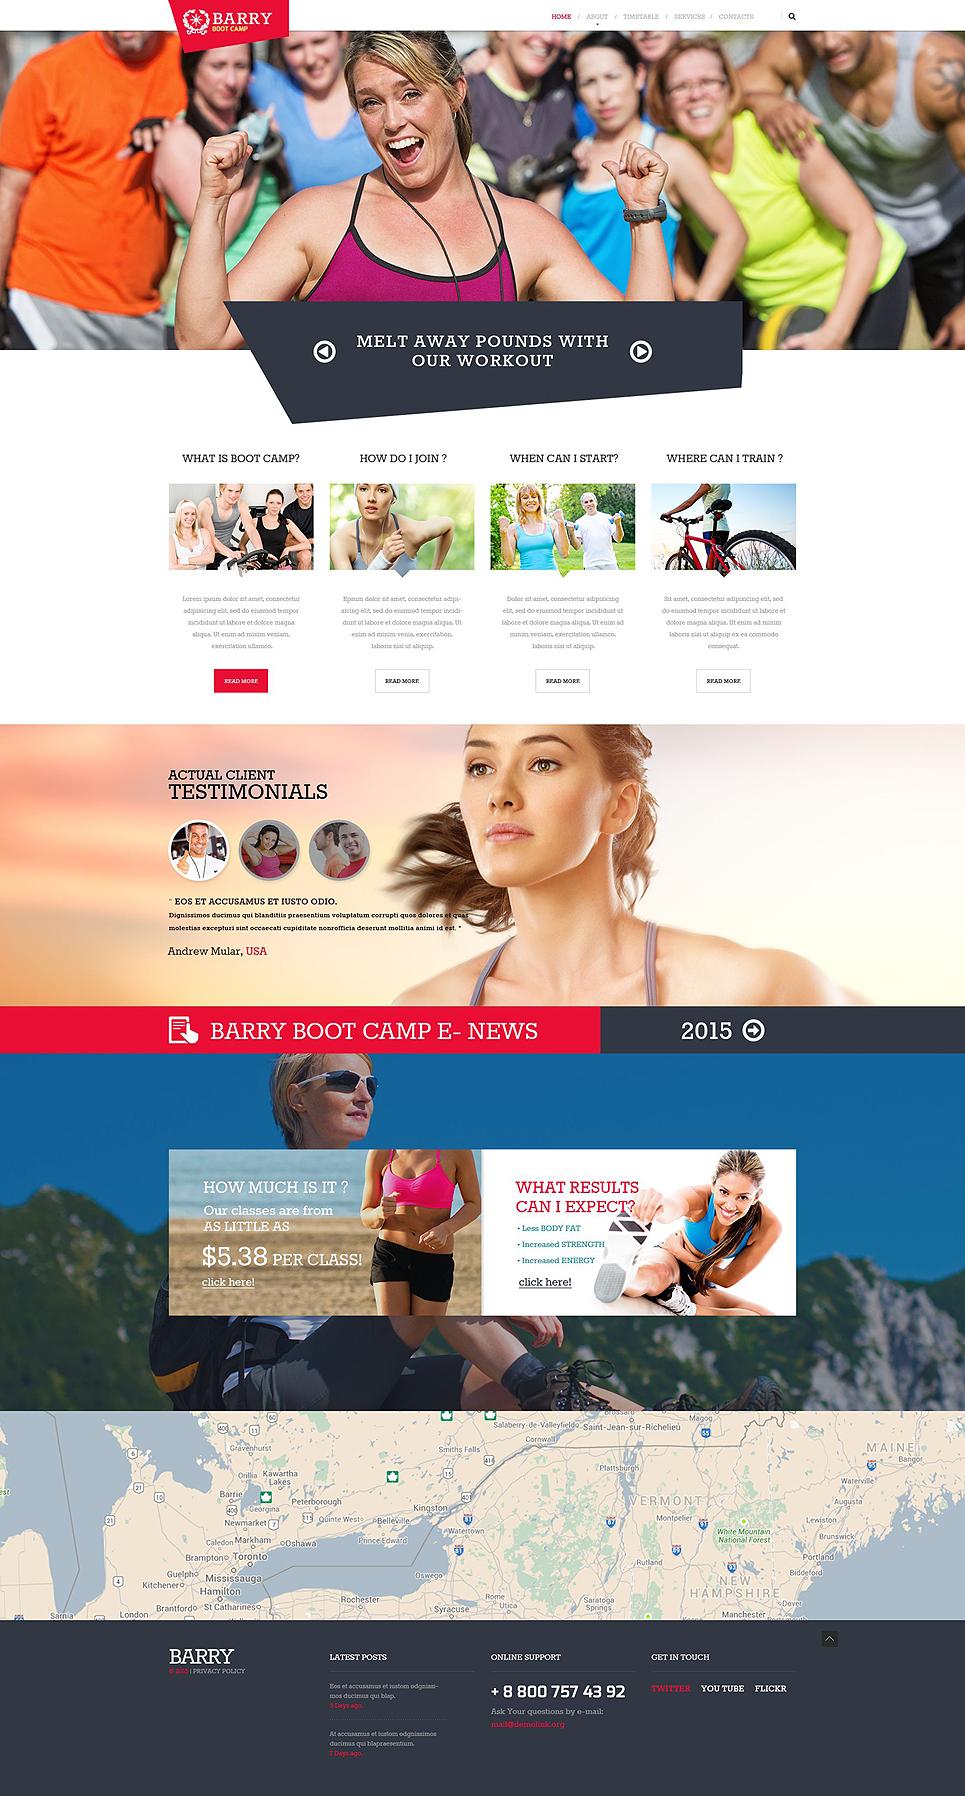 Modello siti web per un sito di camping for Siti web di costruzione domestica